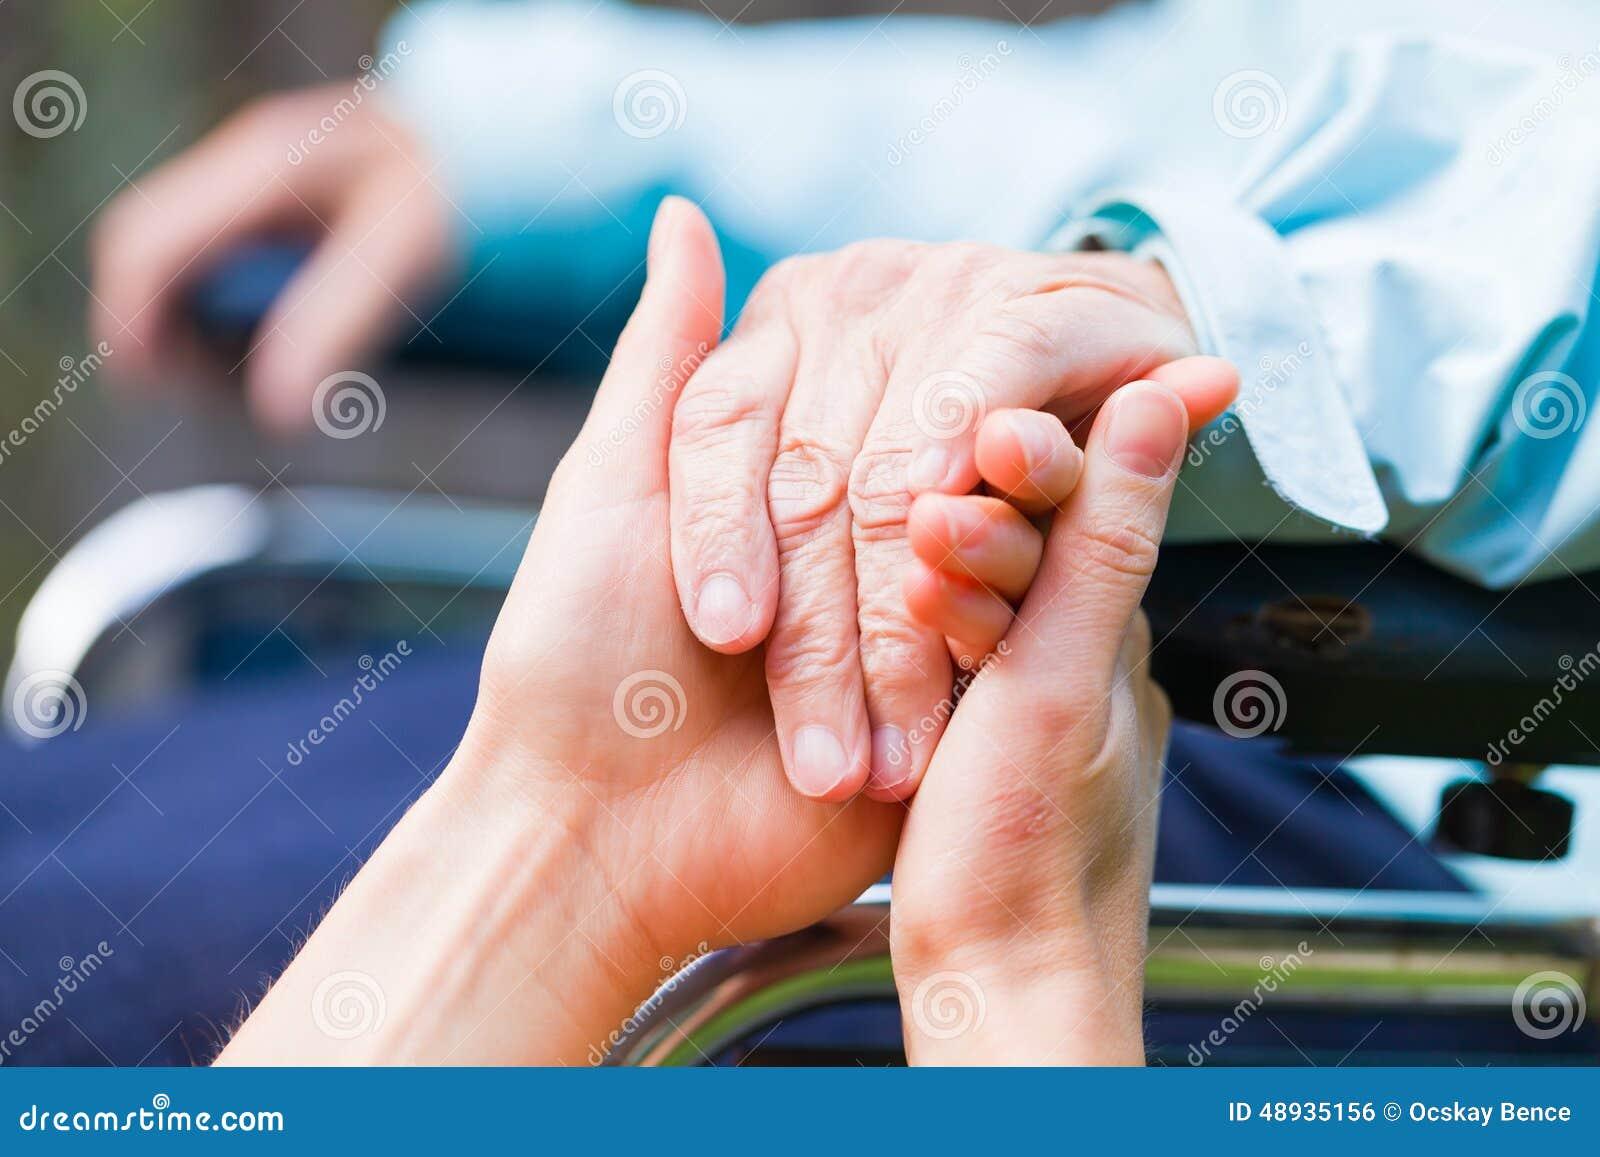 Mãos amiga